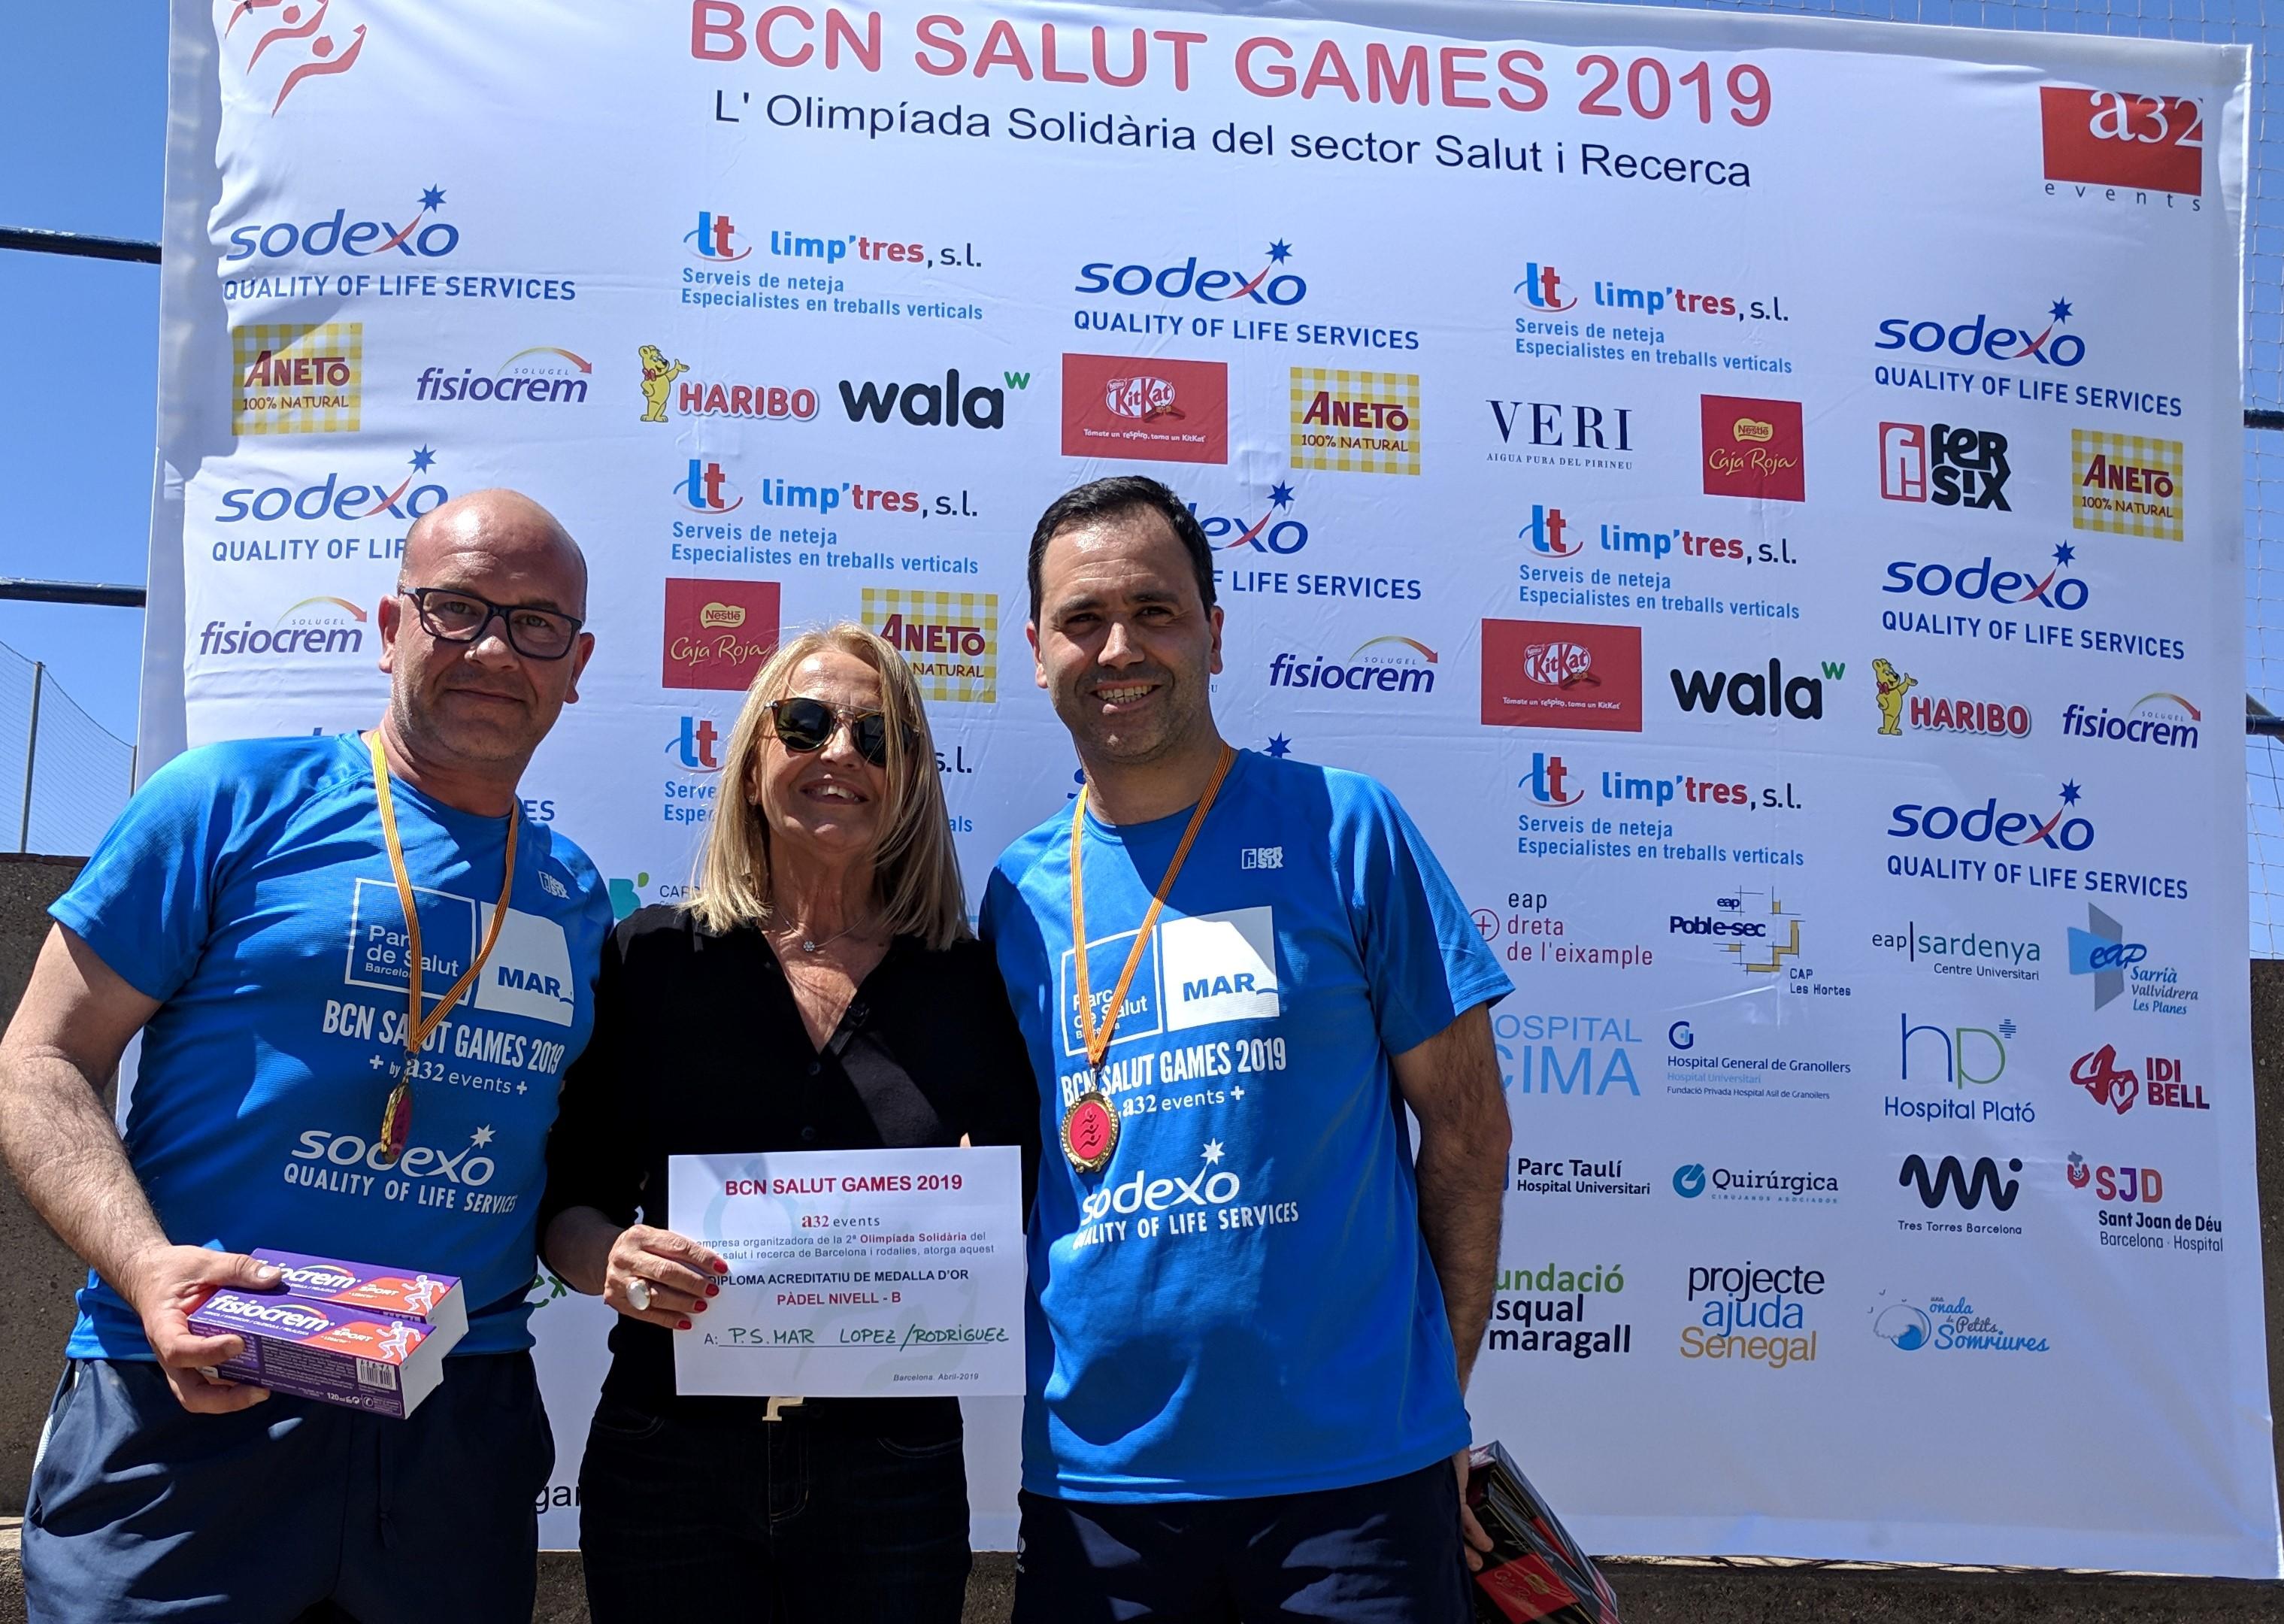 Campions Pàdel nivell B Parc Salut Mar 2019